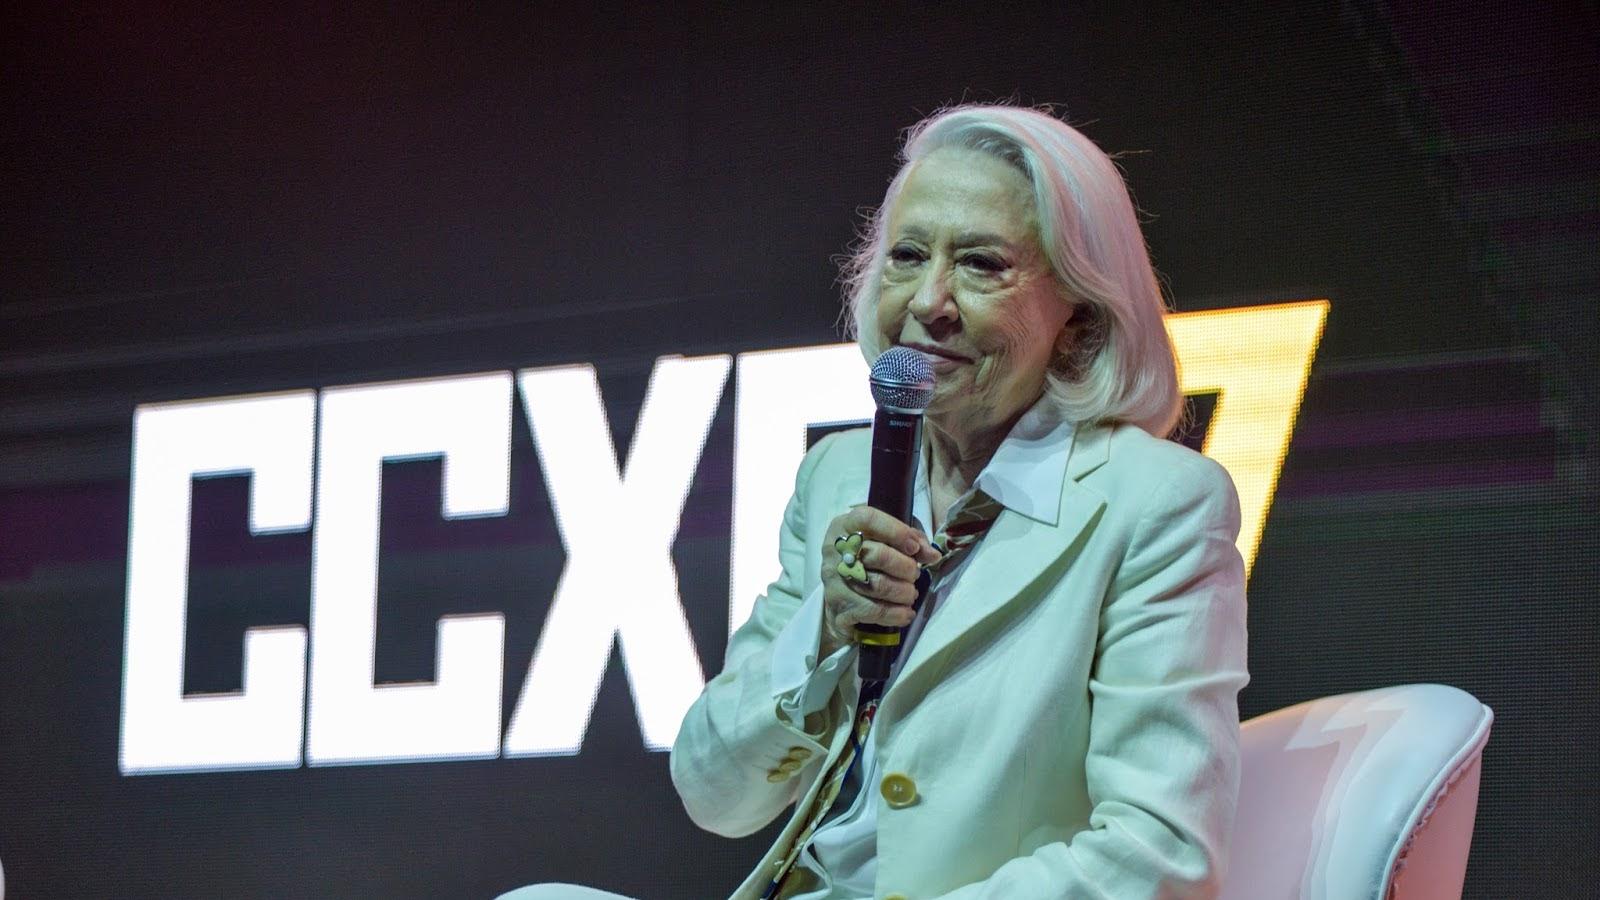 Homenageada na CCXP 2017, Fernanda Montenegro comoveu o público ao relembrar sua grande trajetória